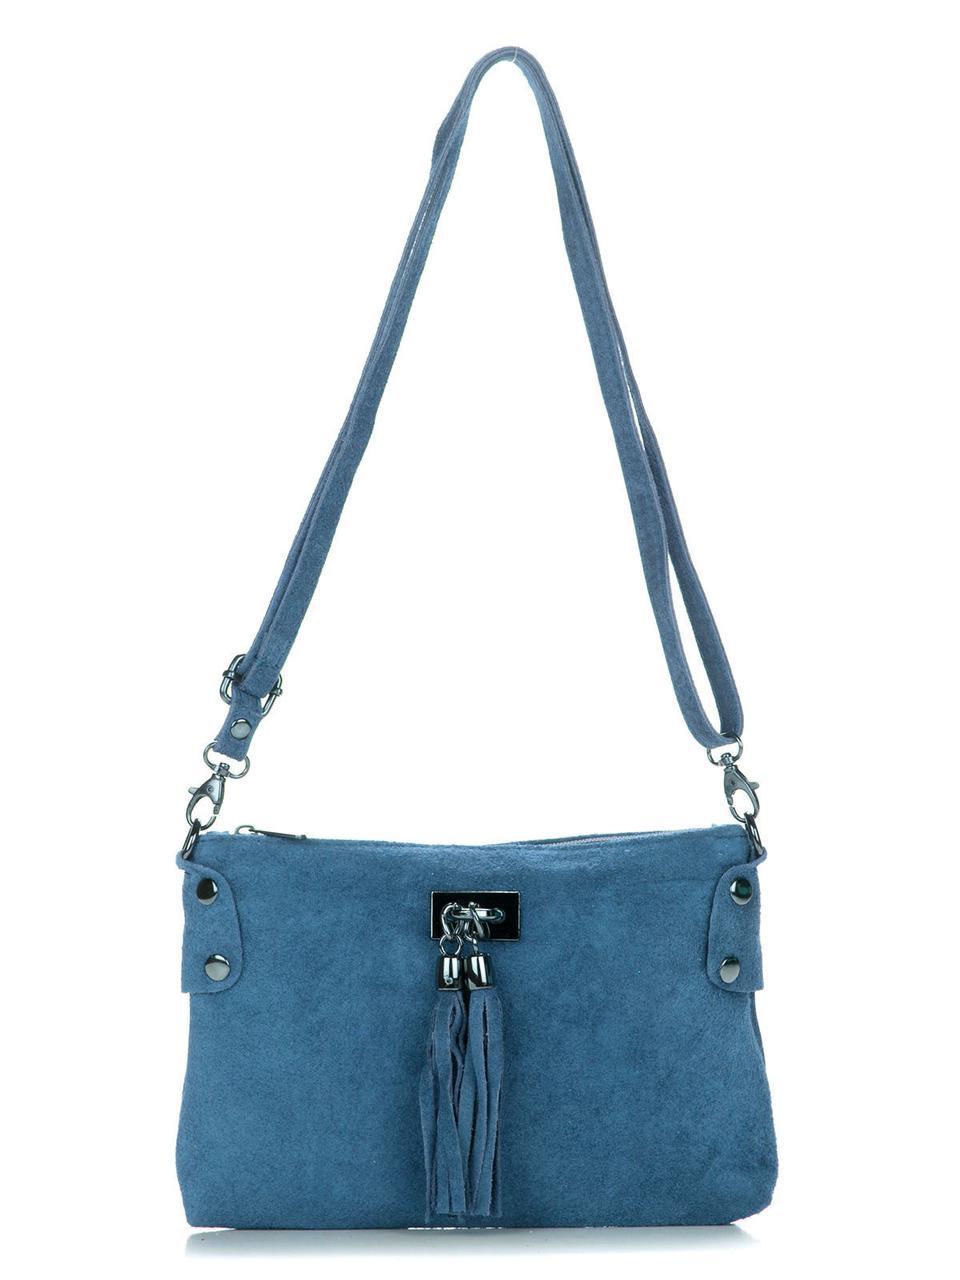 Женская кожаная сумка TIANNA Diva's Bag цвет синий